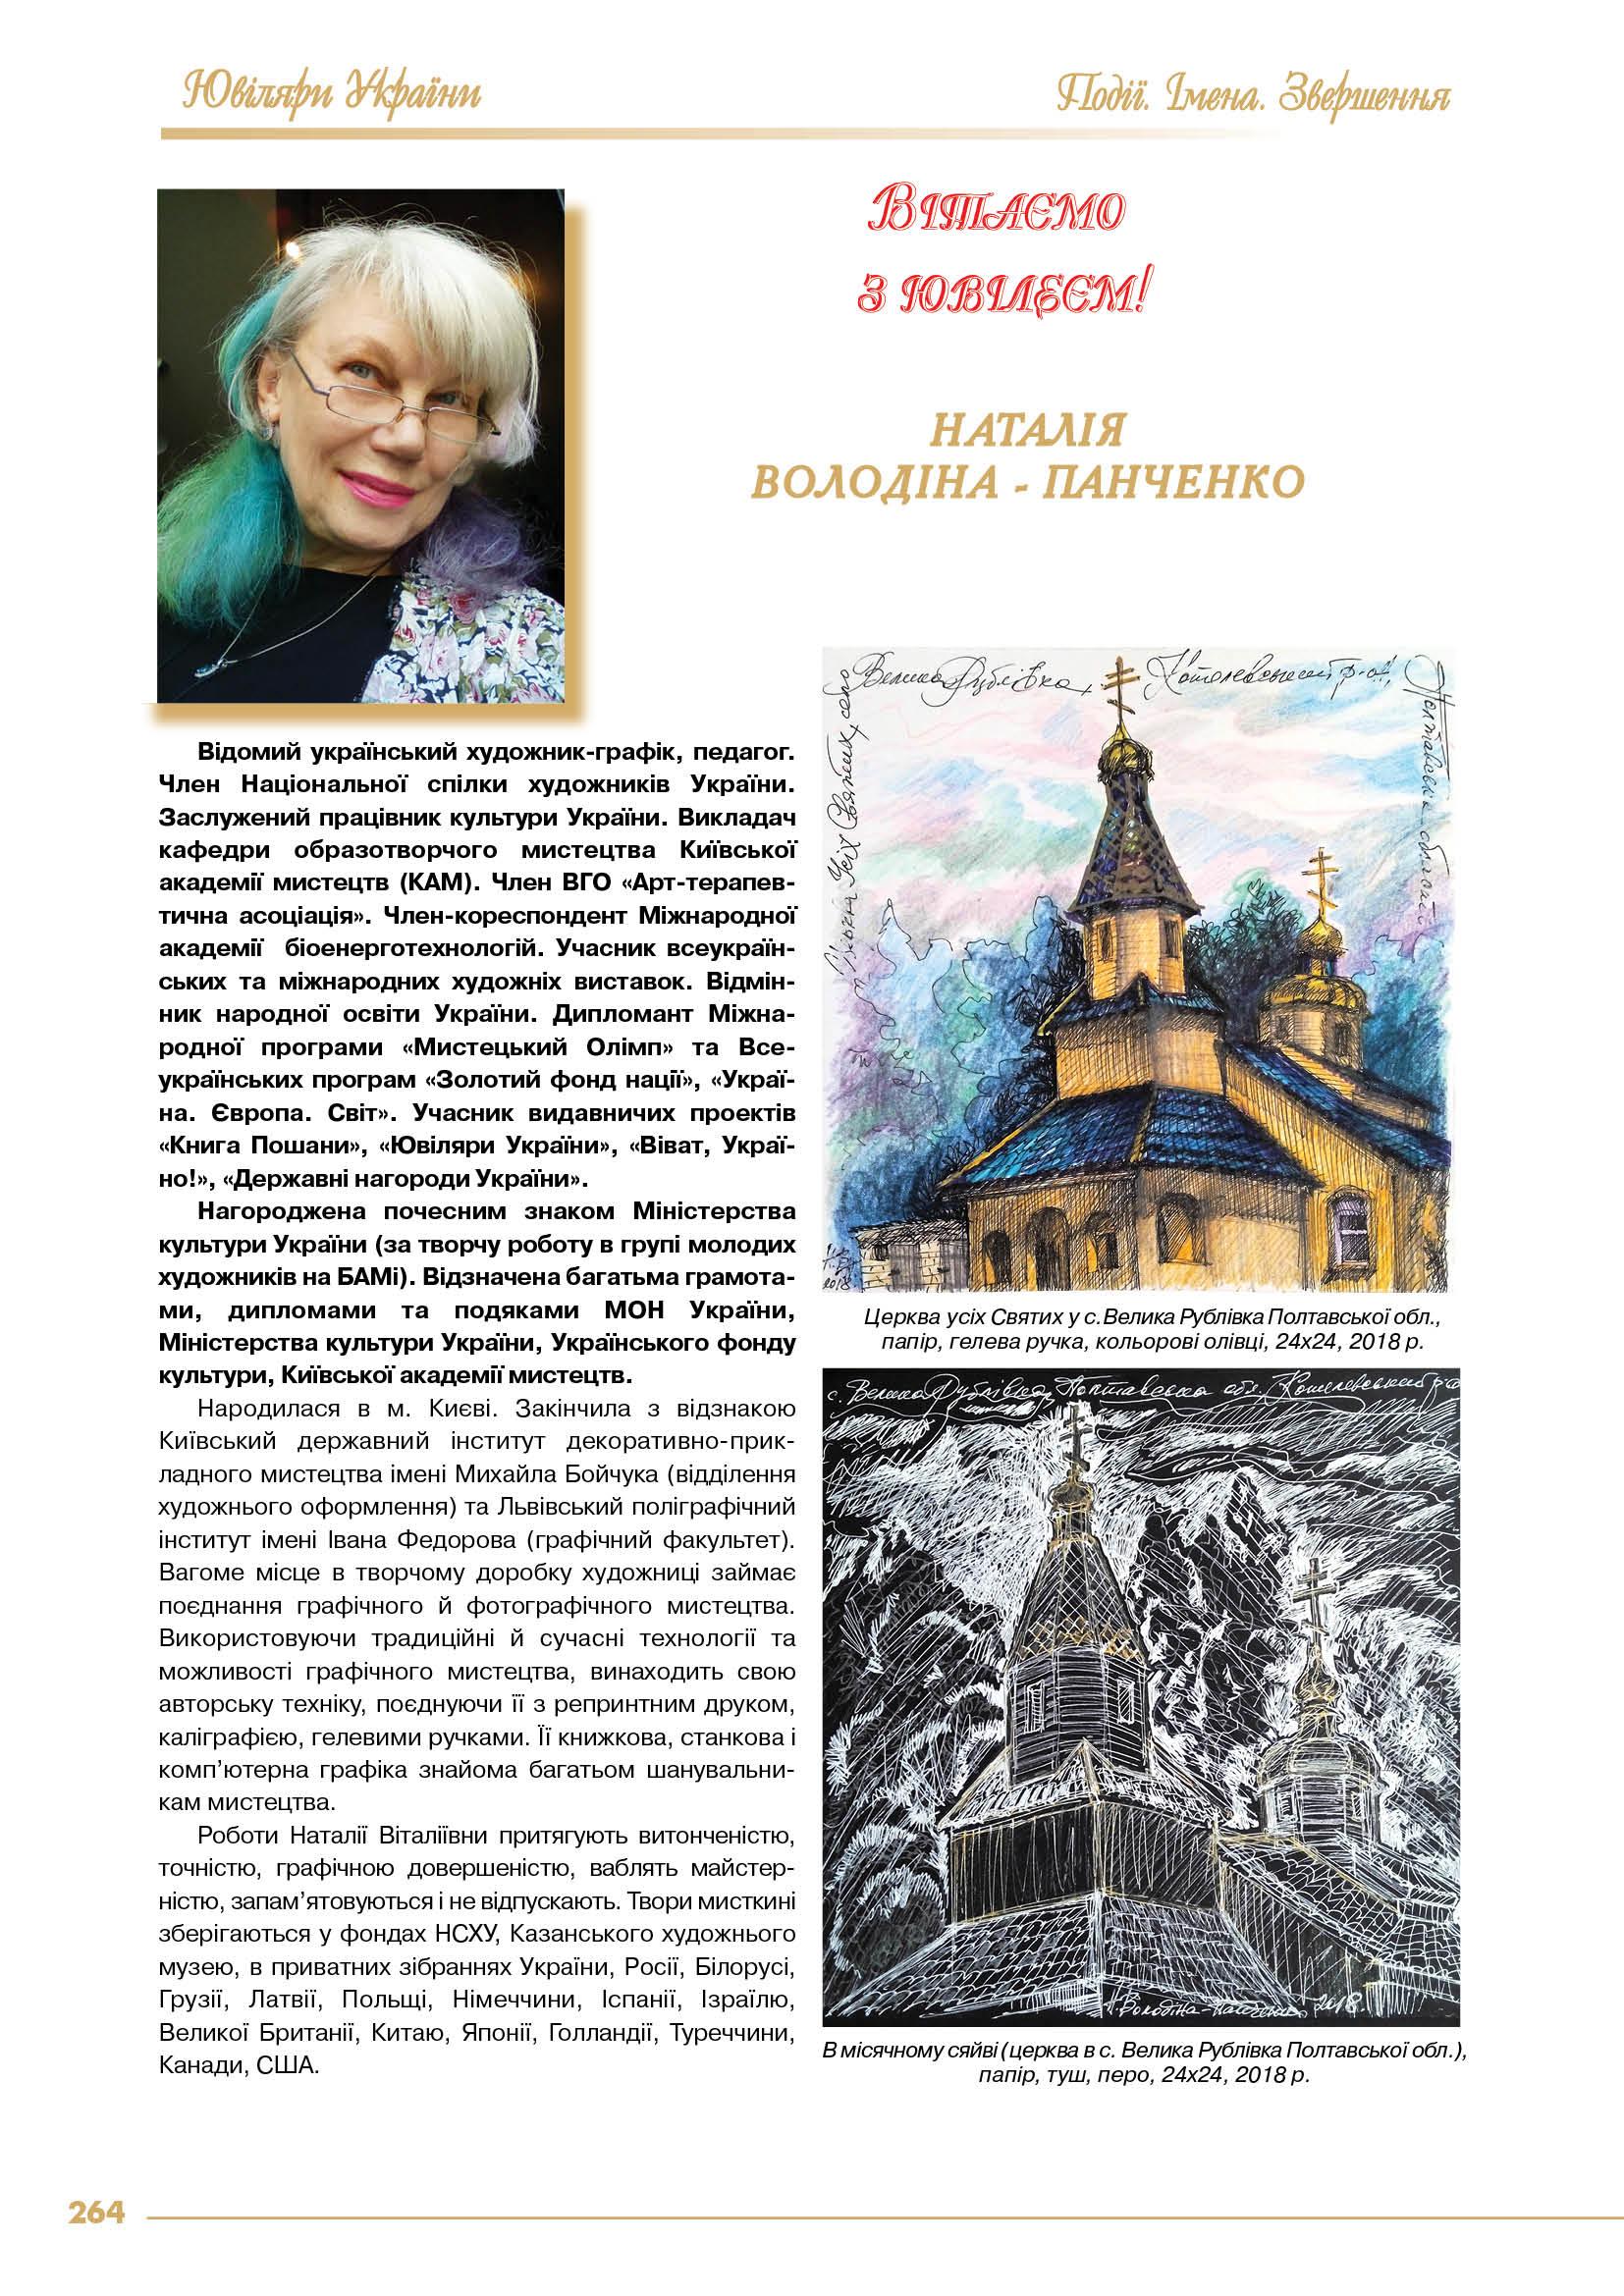 Наталія Володіна - Панченко